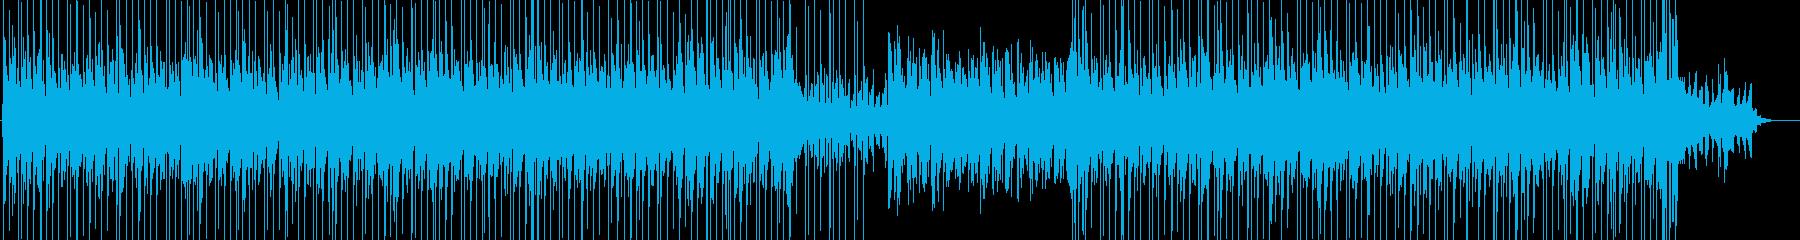 静かな夜 トレモロギターの再生済みの波形